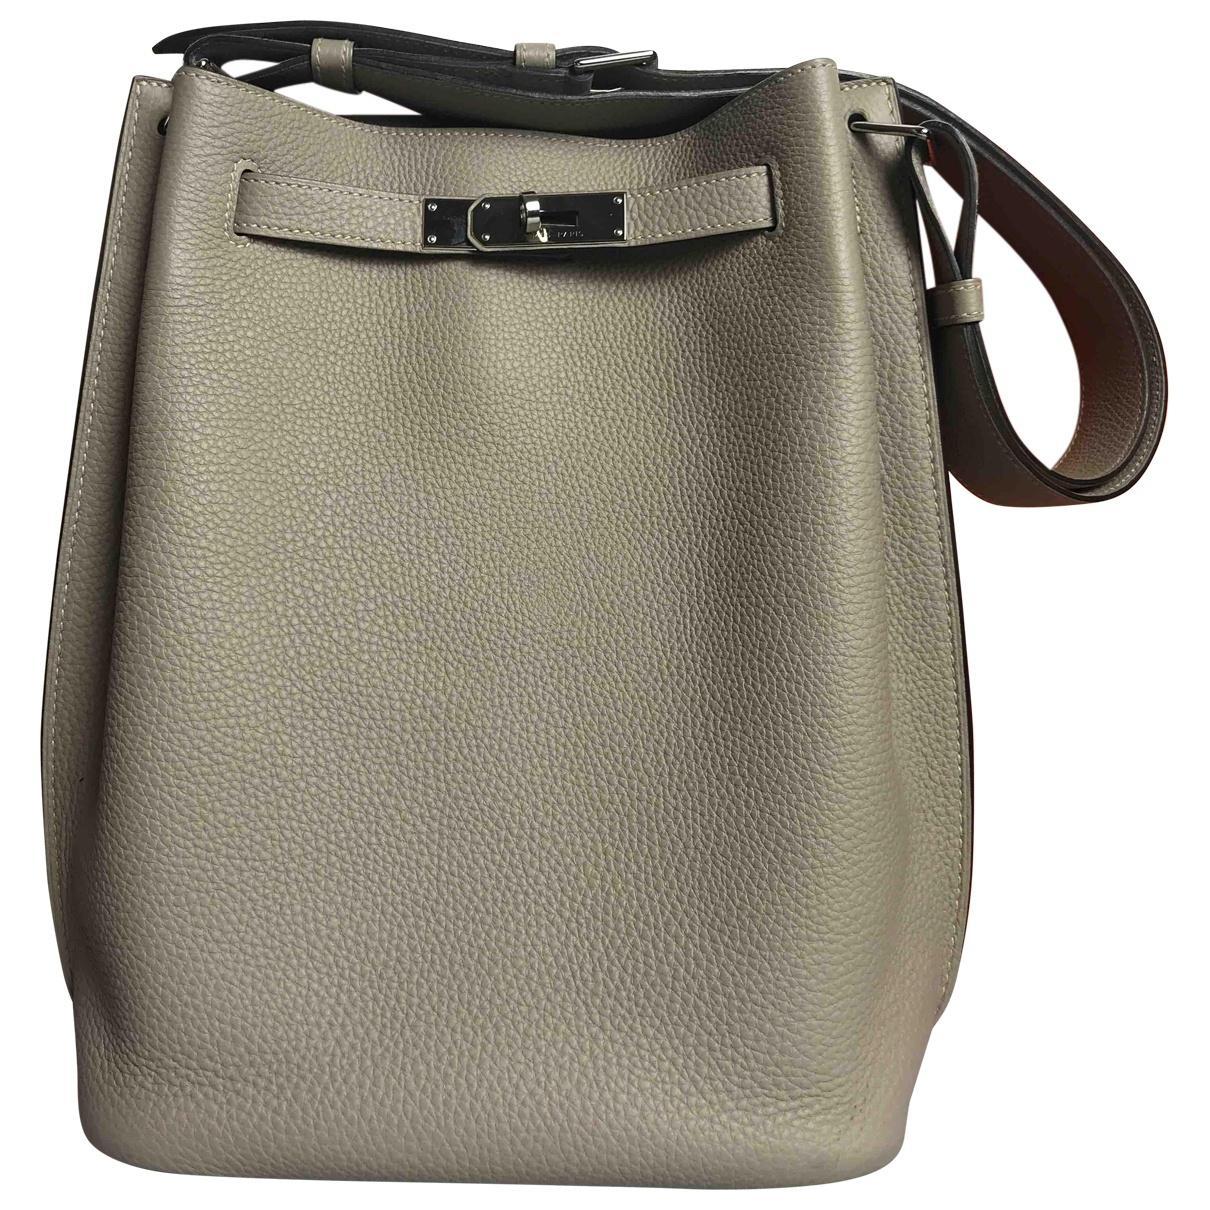 9958410f3378 Hermès So Kelly Leather Handbag in Gray - Lyst